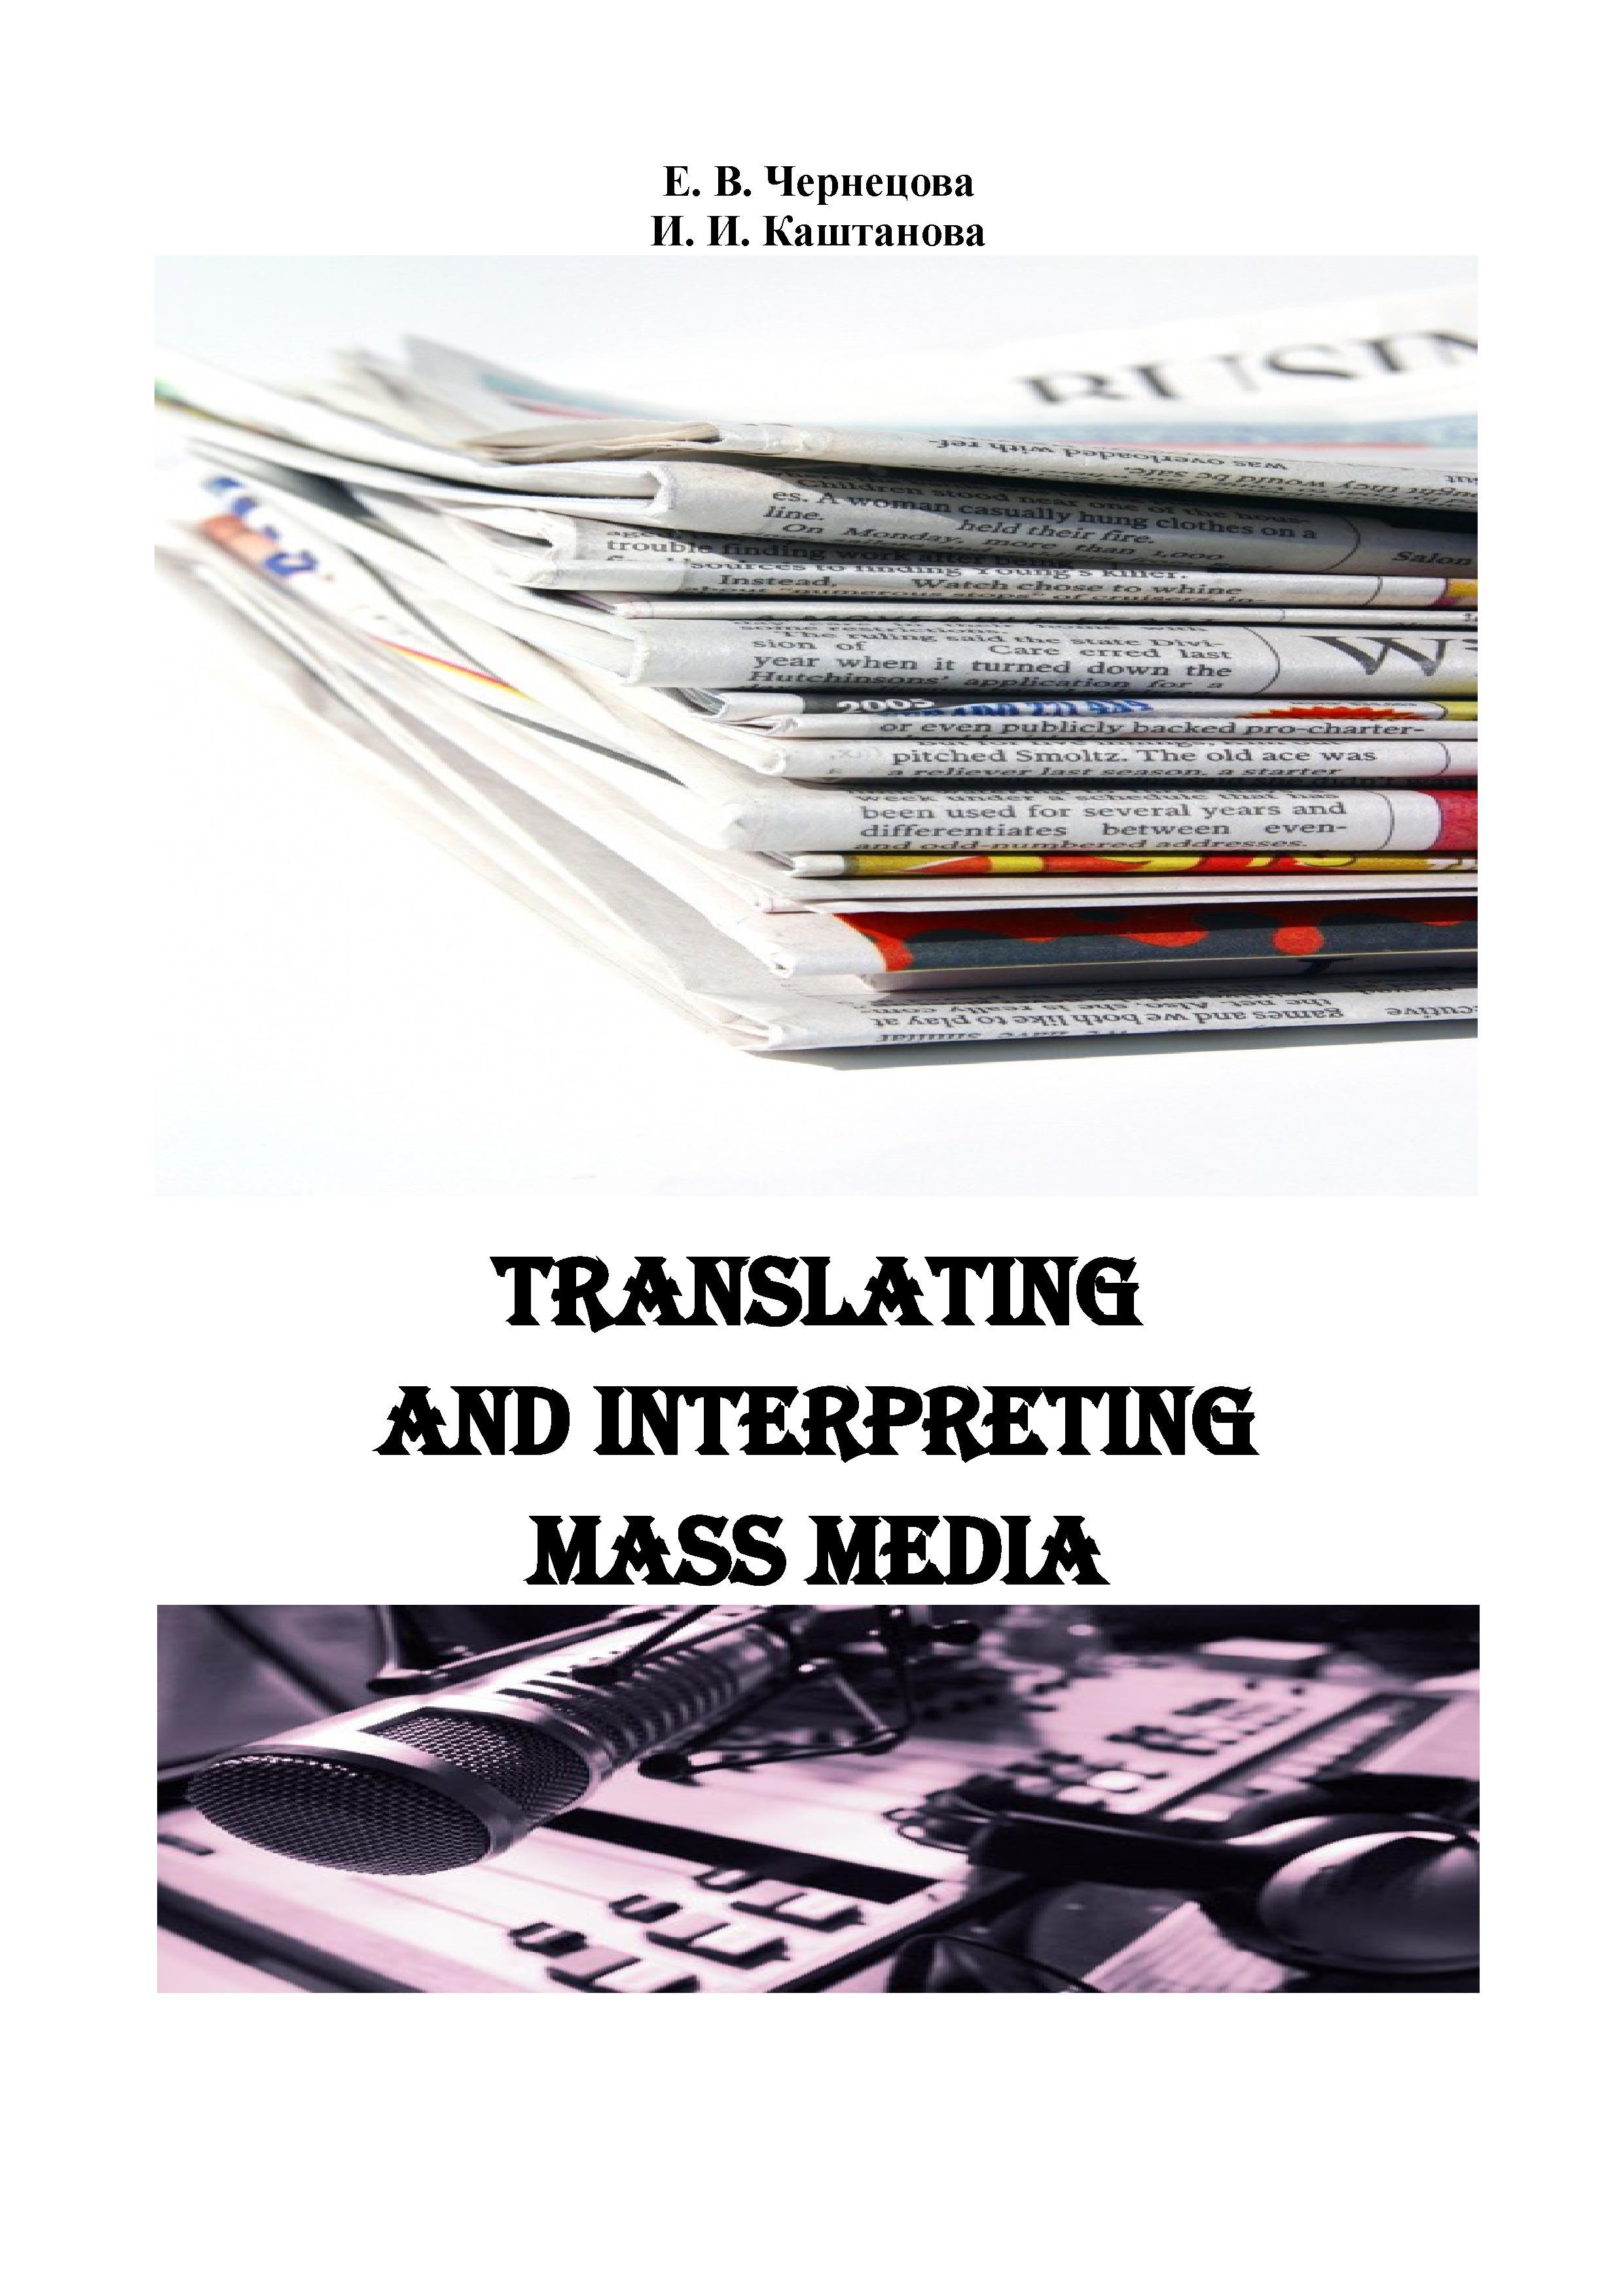 Translating and Interpreting Mass Media = Письменный и устный перевод текстов СМИ: учебно-методическое пособие для студентов факультета иностранных языков